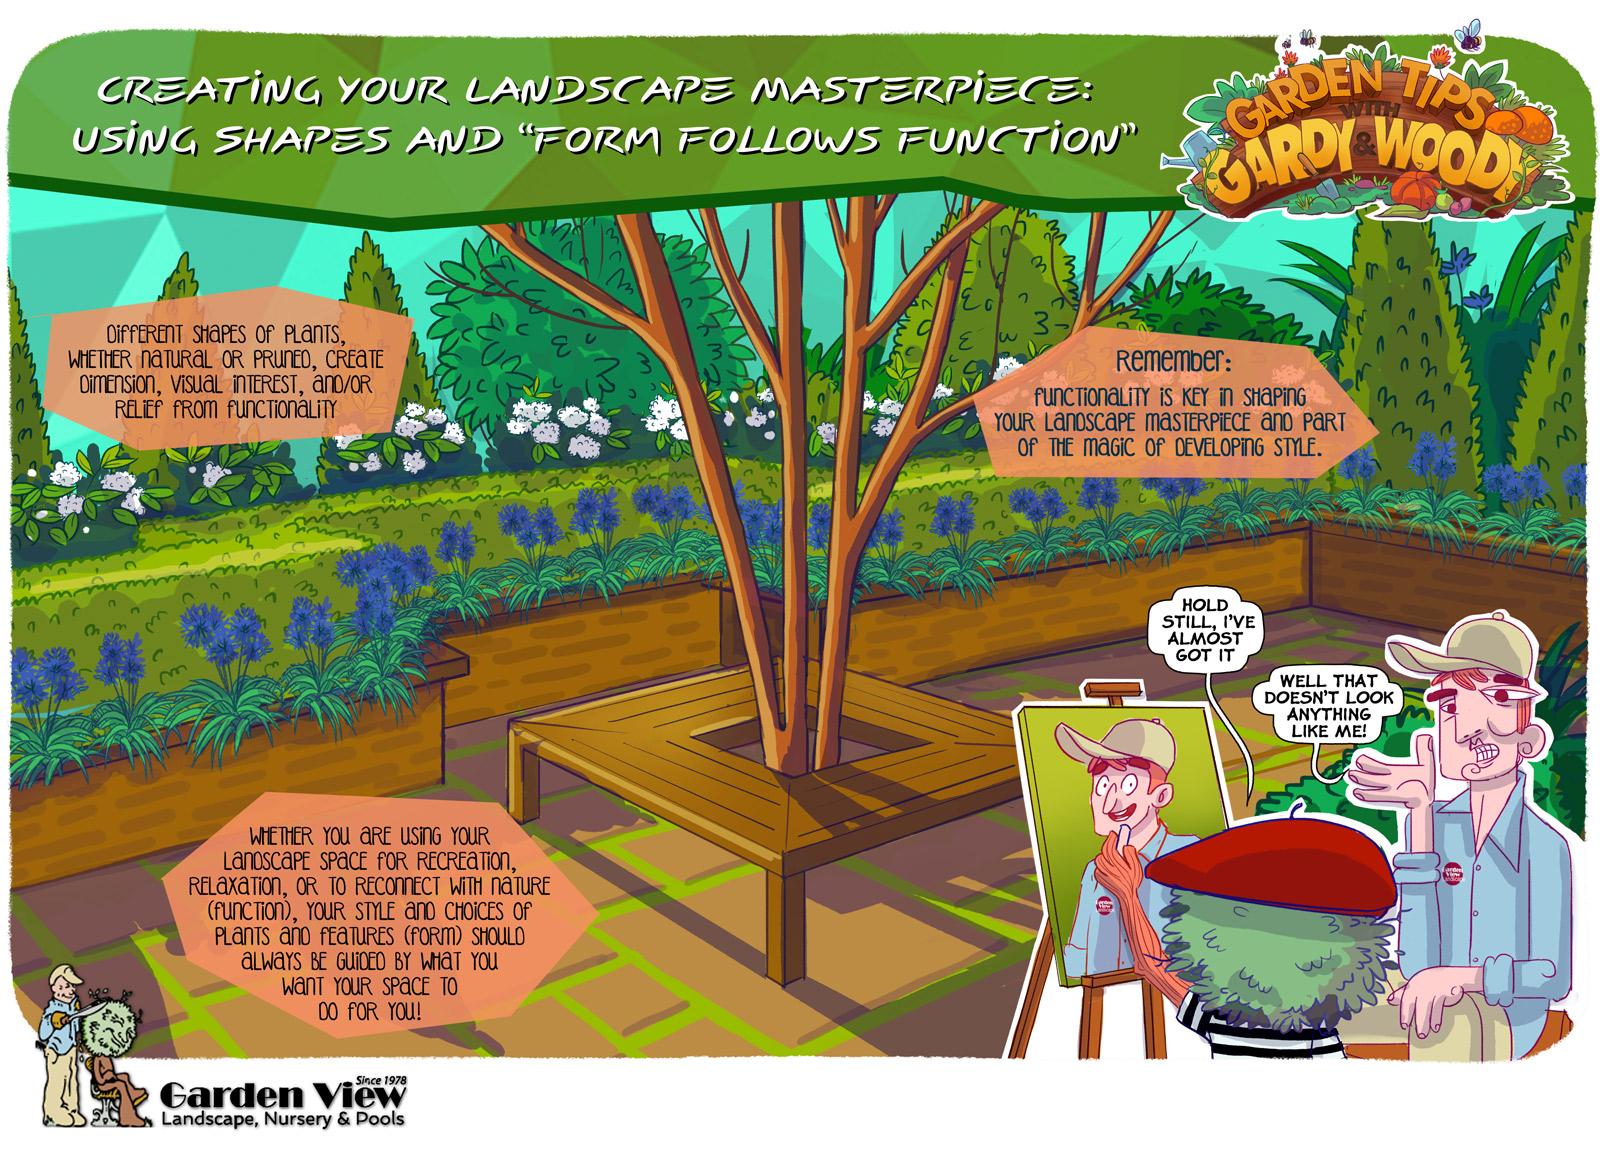 Form and Function Landscape Design Tips